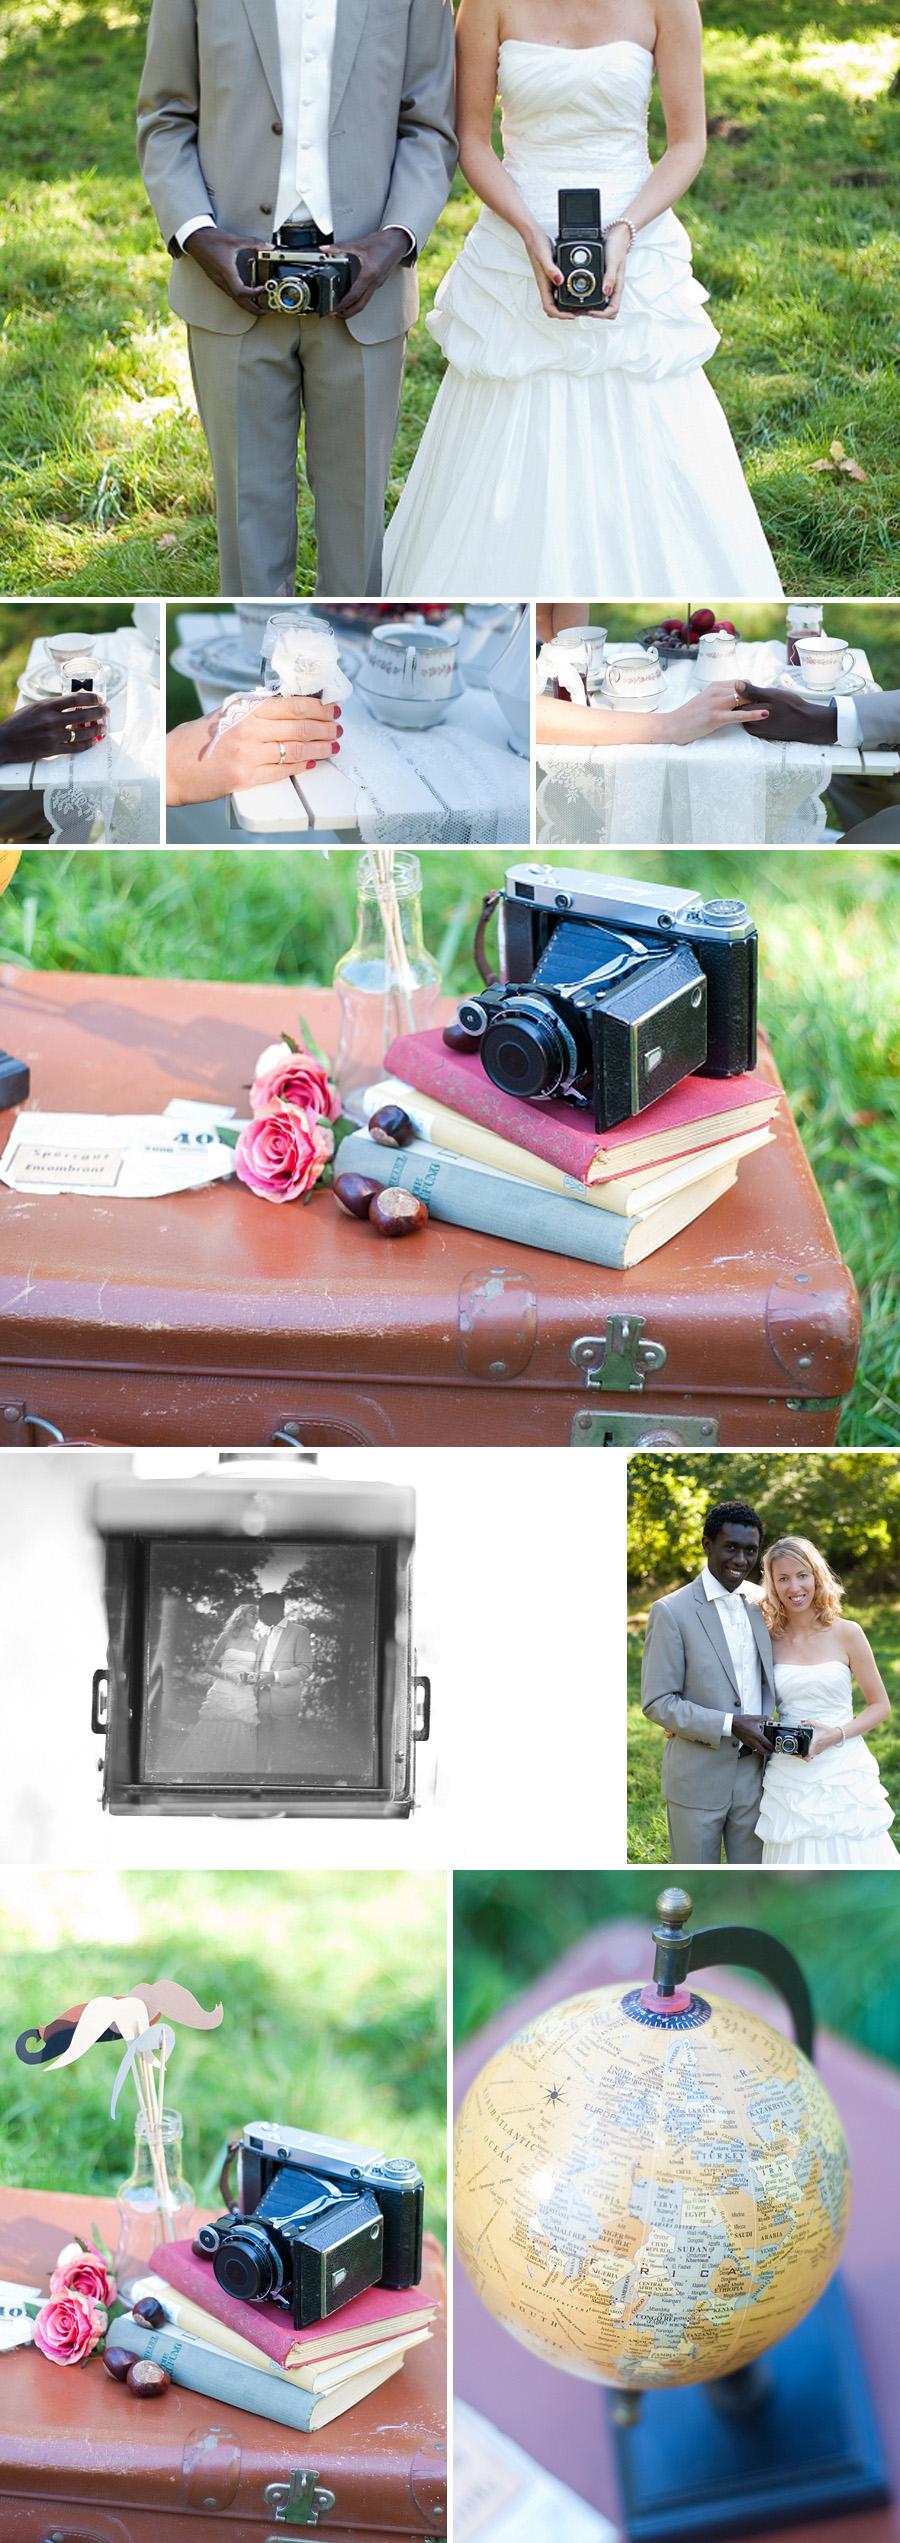 5stylizowana sesja dla par sweet wedding blog ślubny